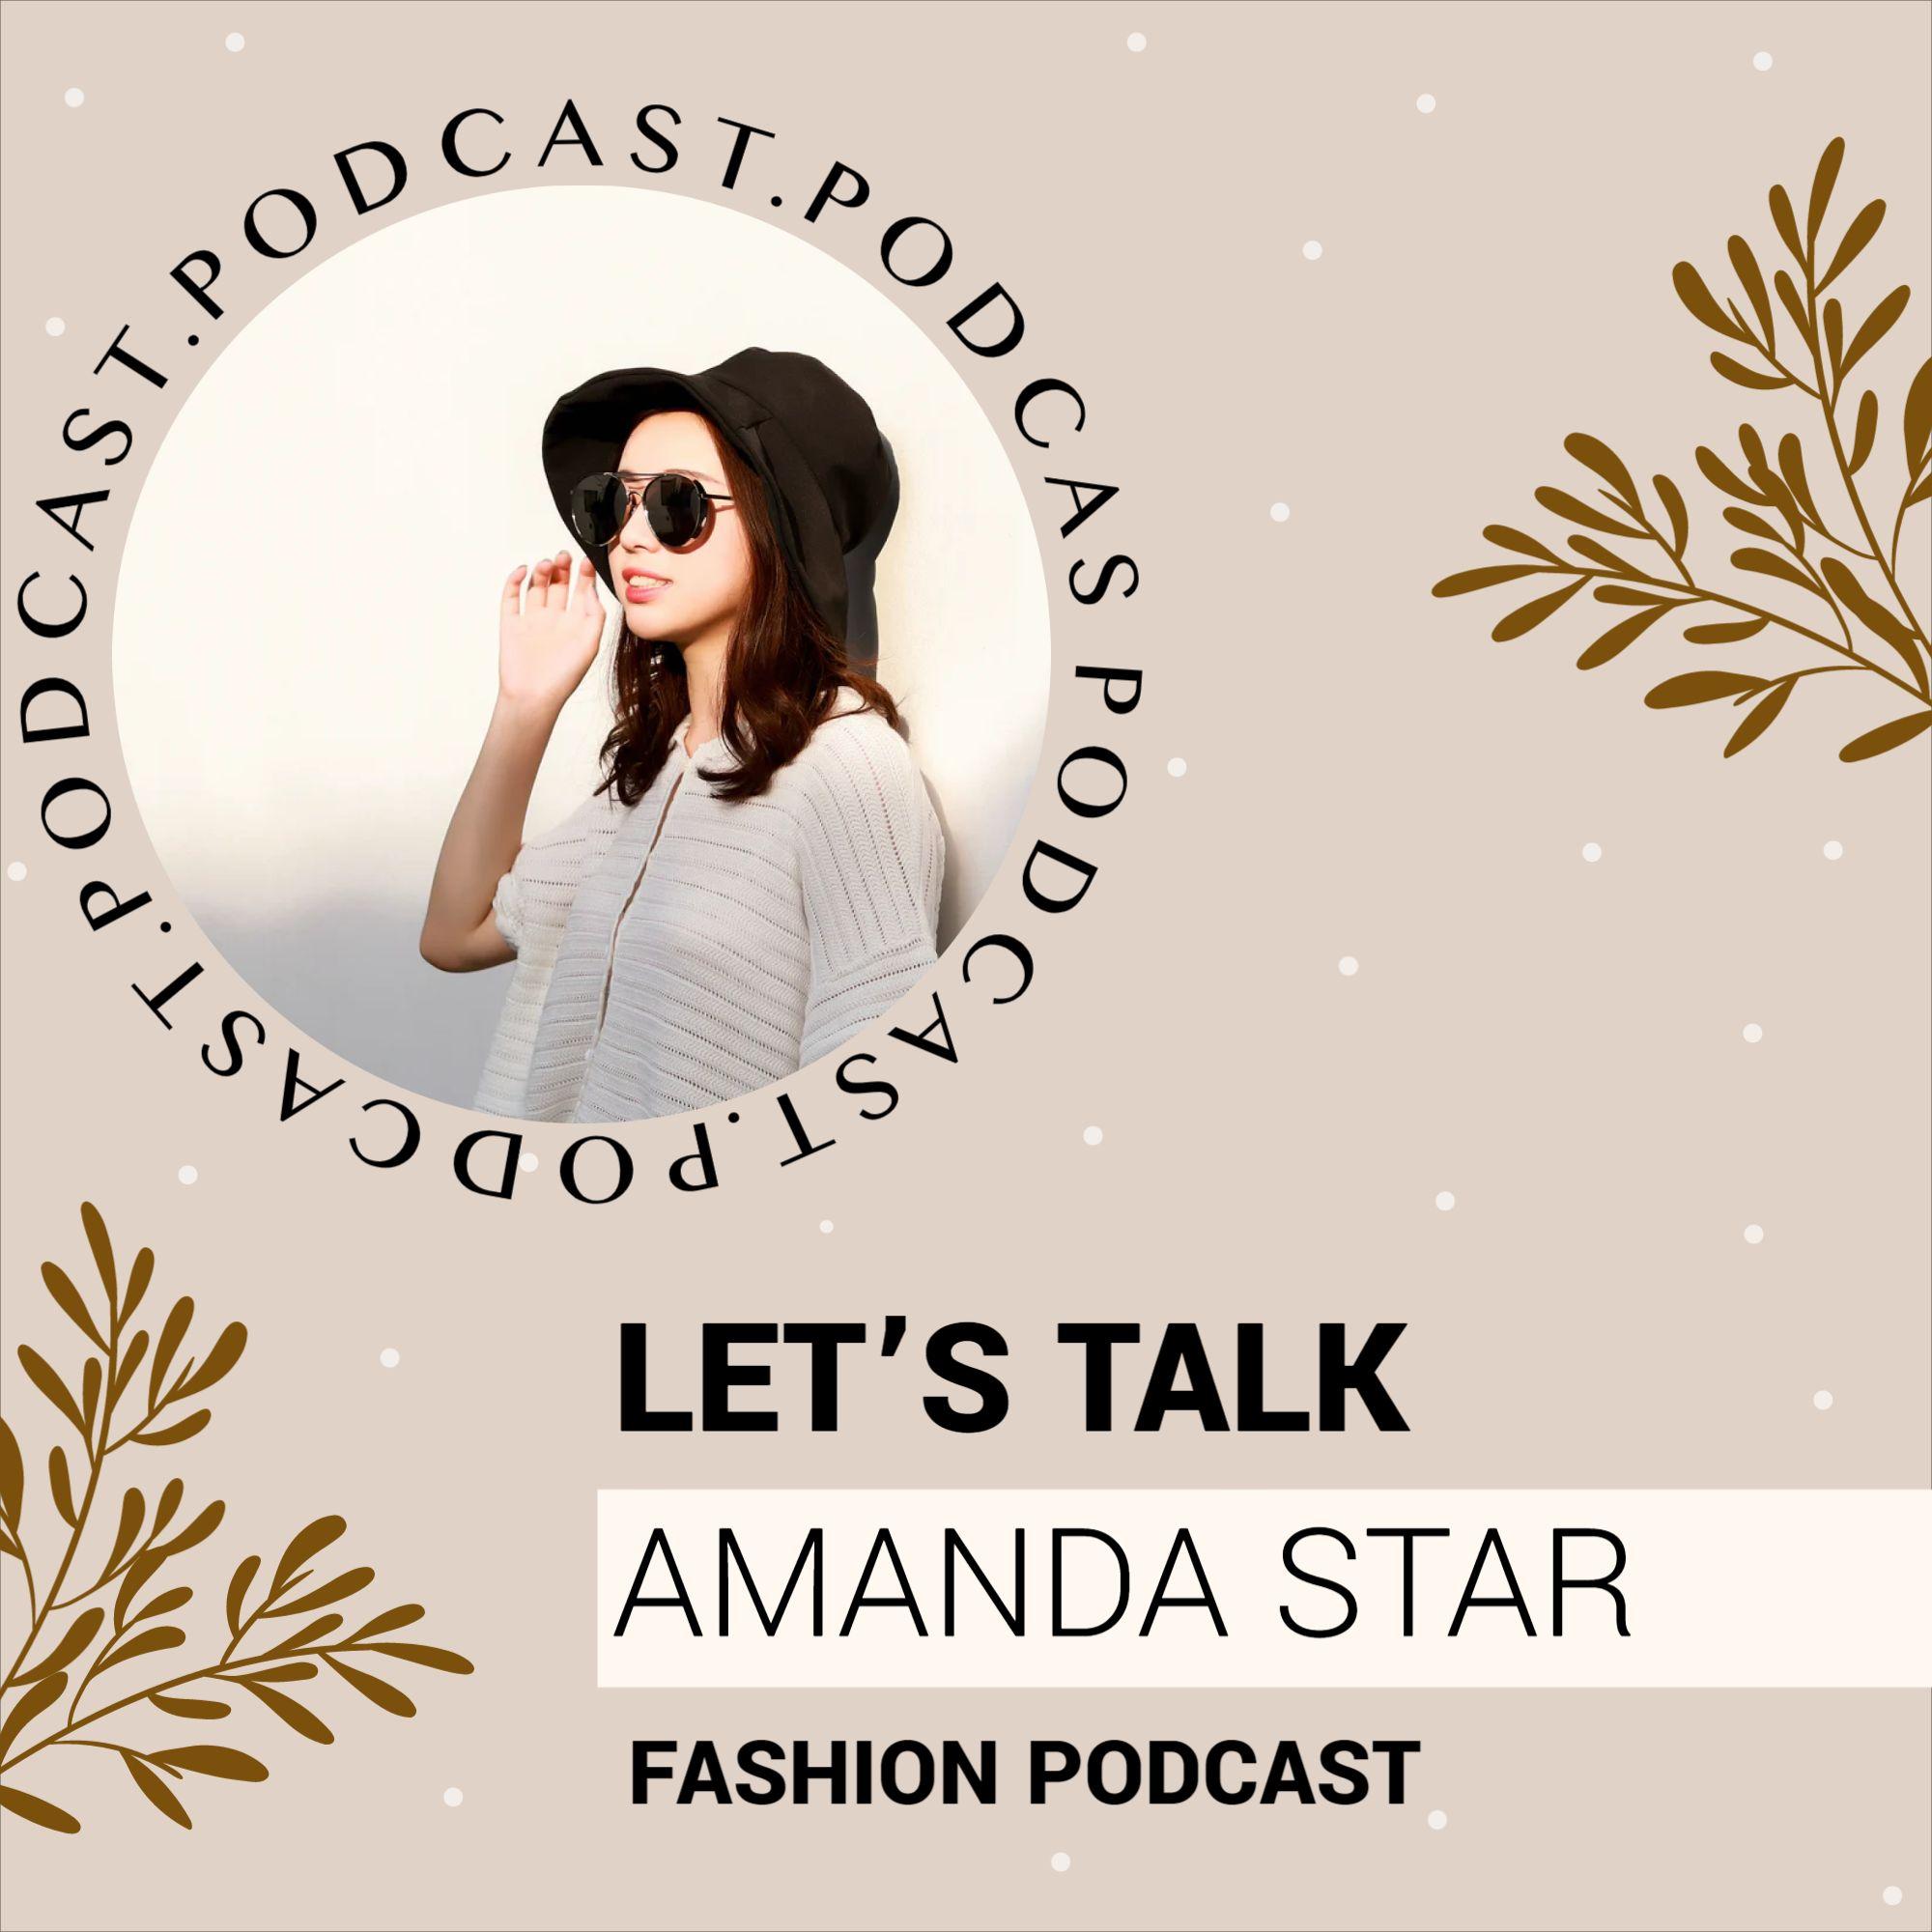 Fashion Podcast Cover Design